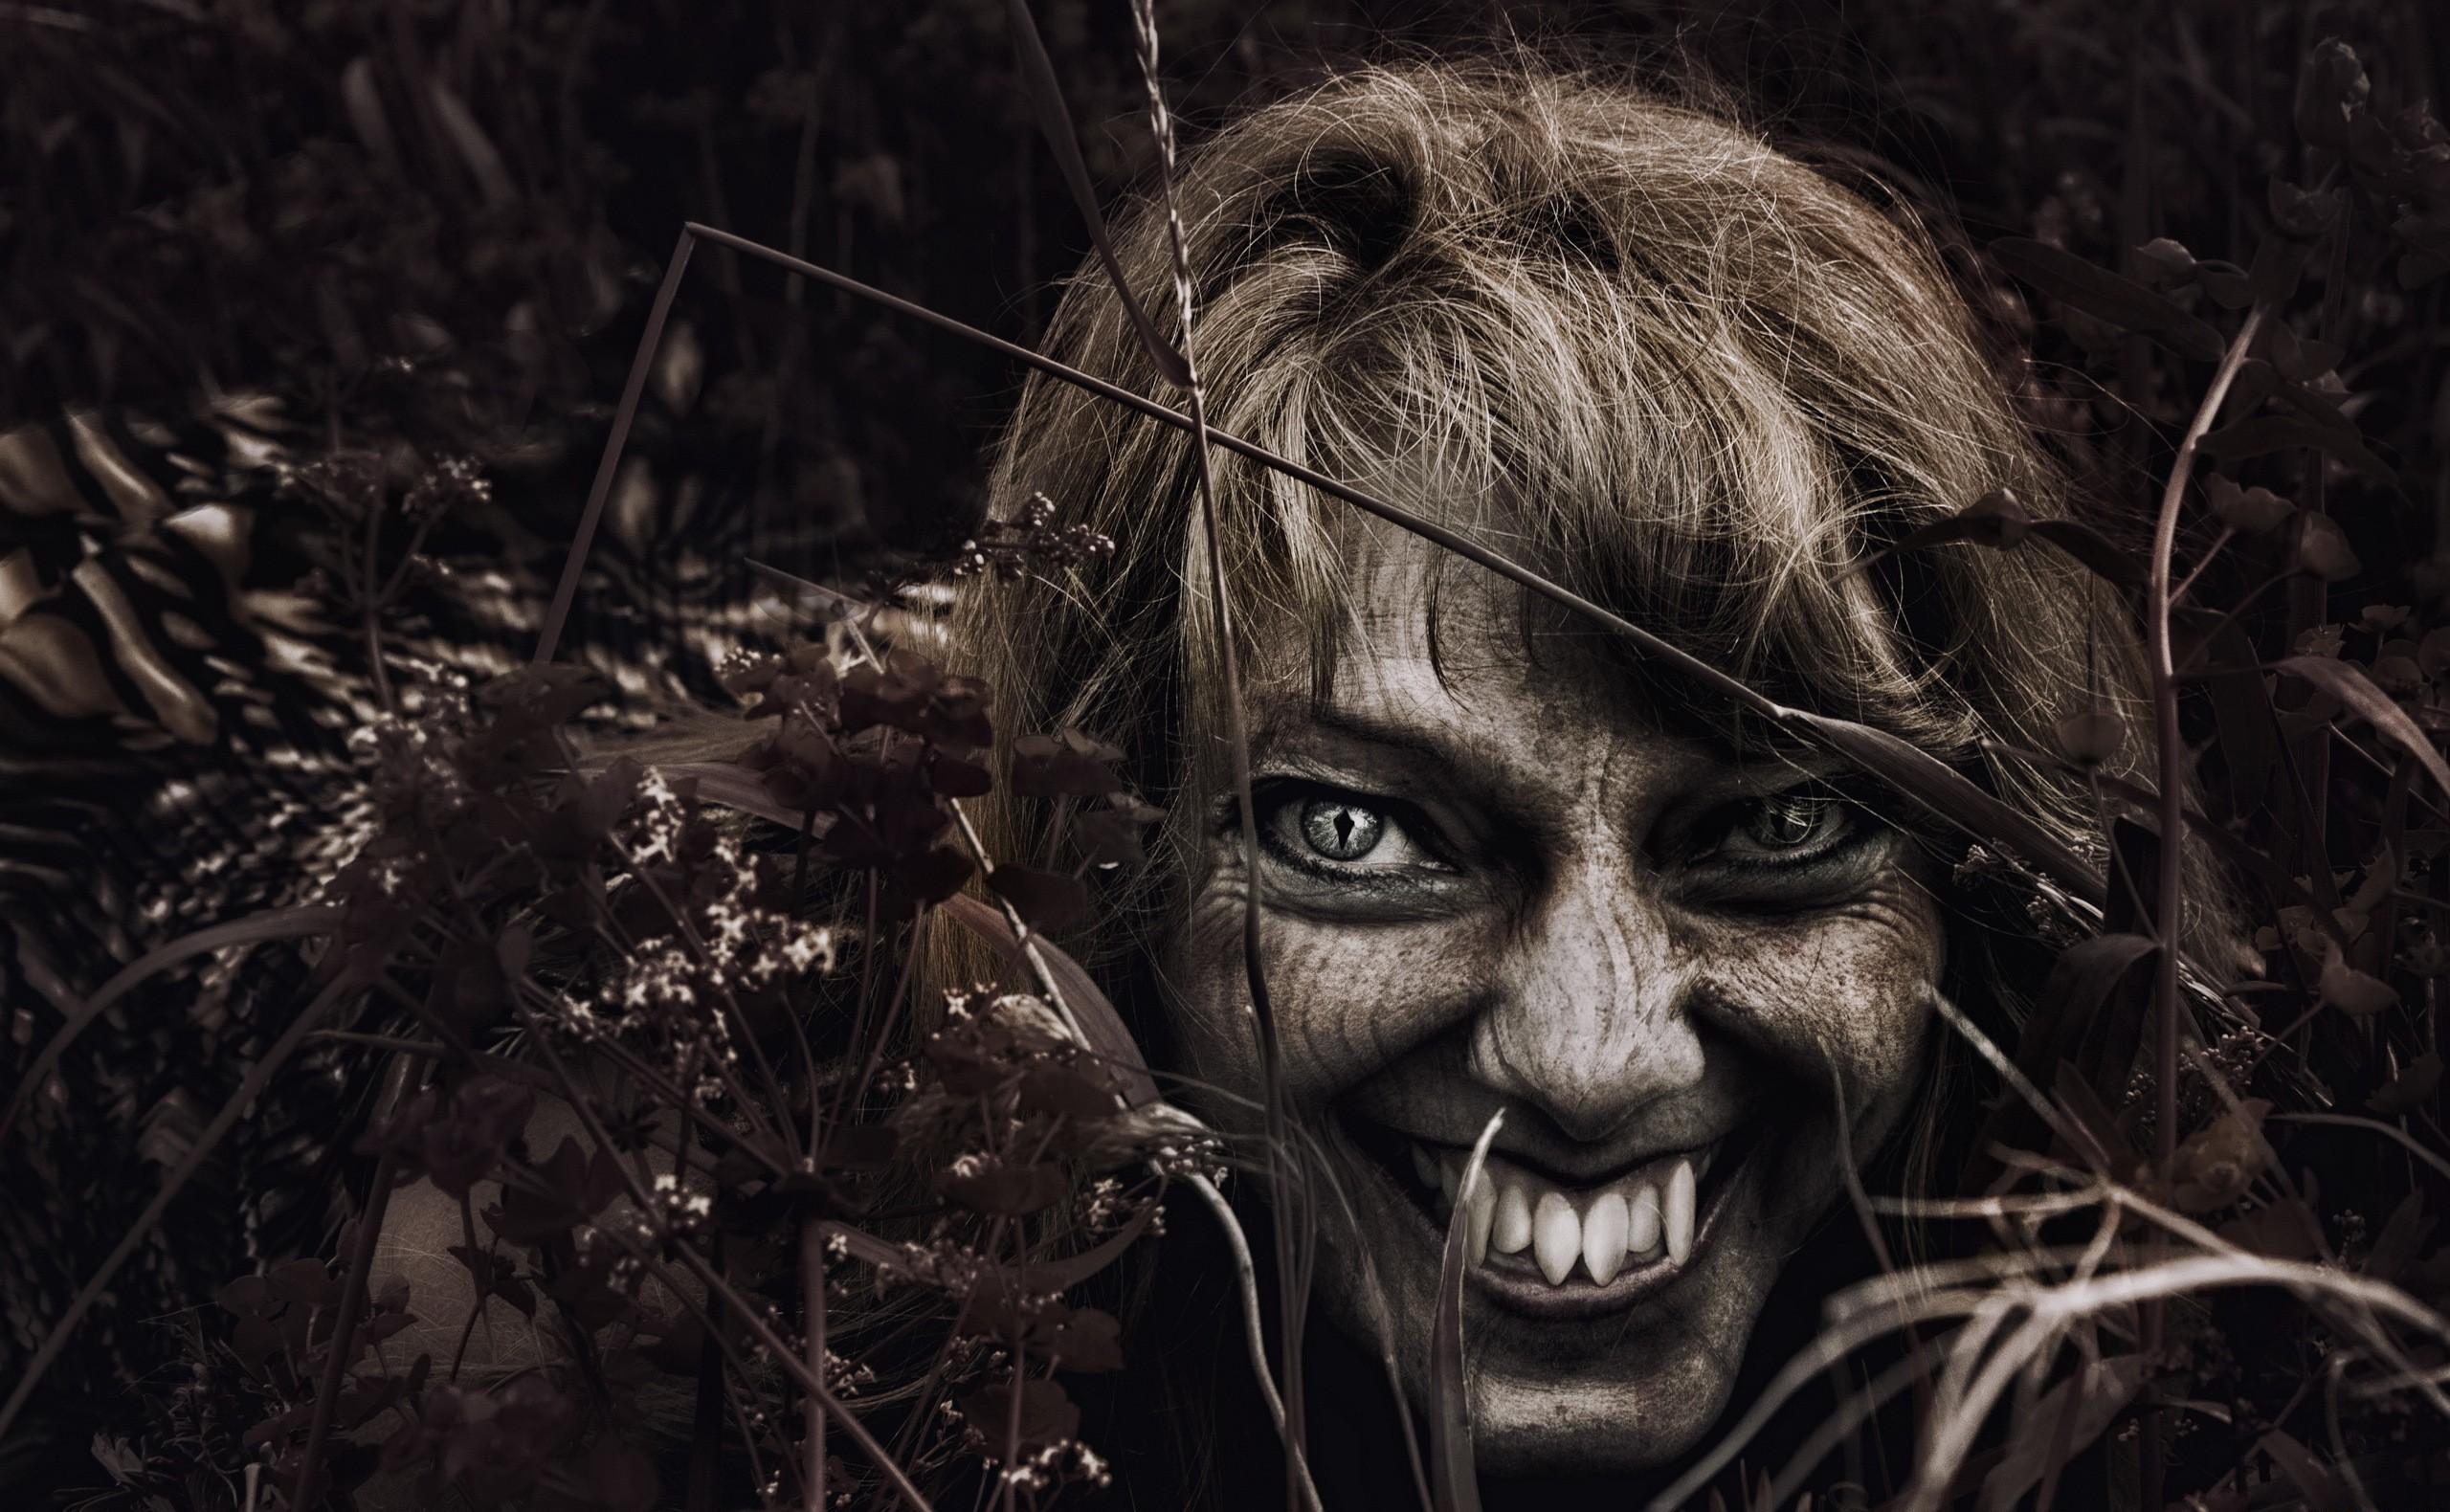 Wallpaper : Werewolf, teeth, face, grass 2560x1580